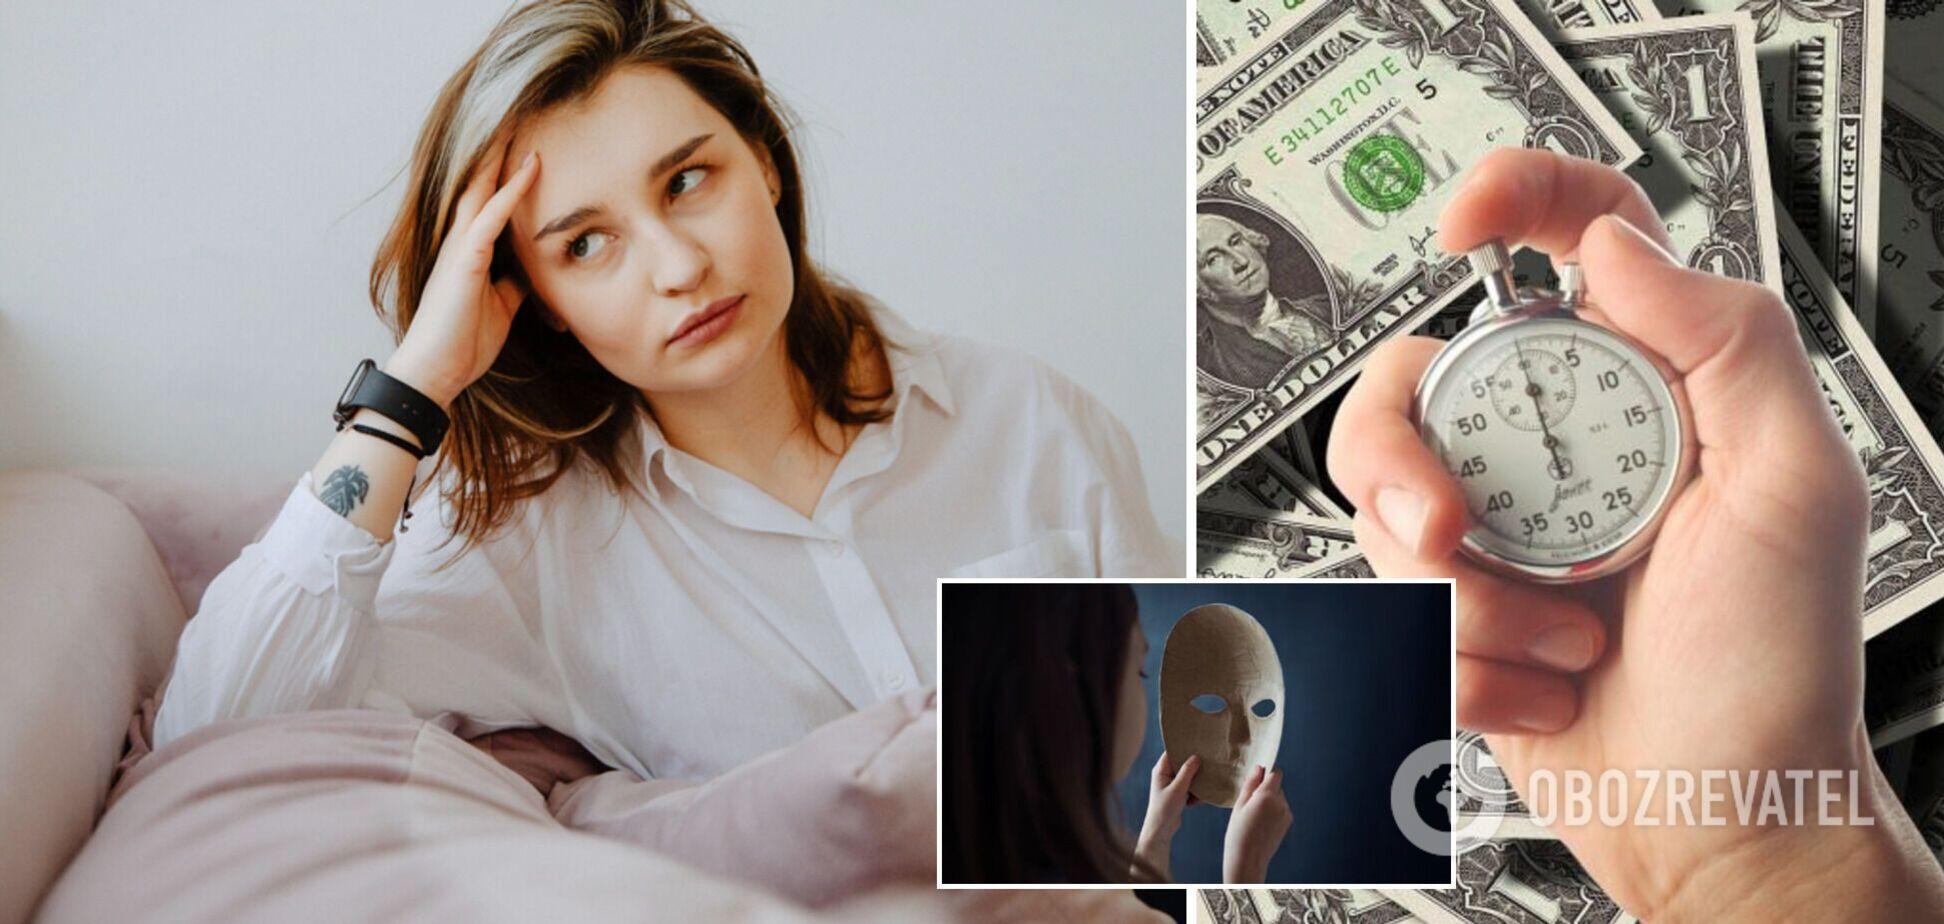 Депресія, втрата грошей і обман: чотири знаки зодіаку можуть зіткнутися з великими неприємностями